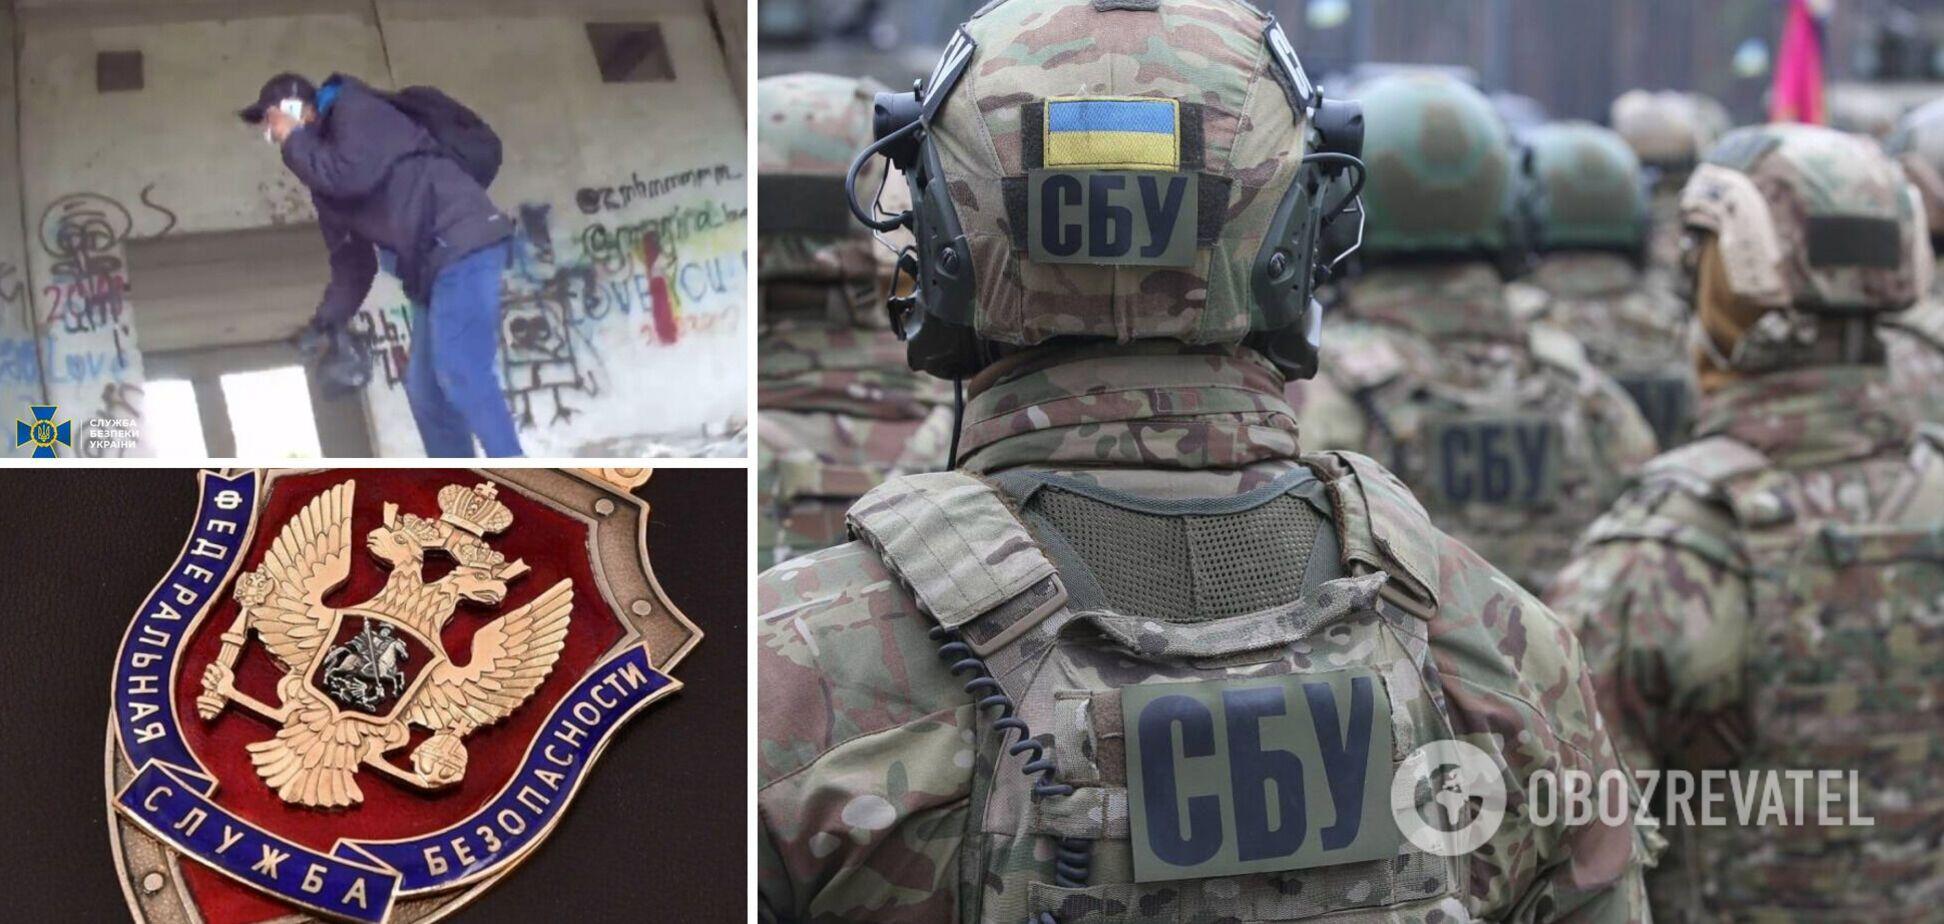 В Украине будут судить агента ФСБ РФ, который готовил убийство разработчика военной техники. Фото и видео